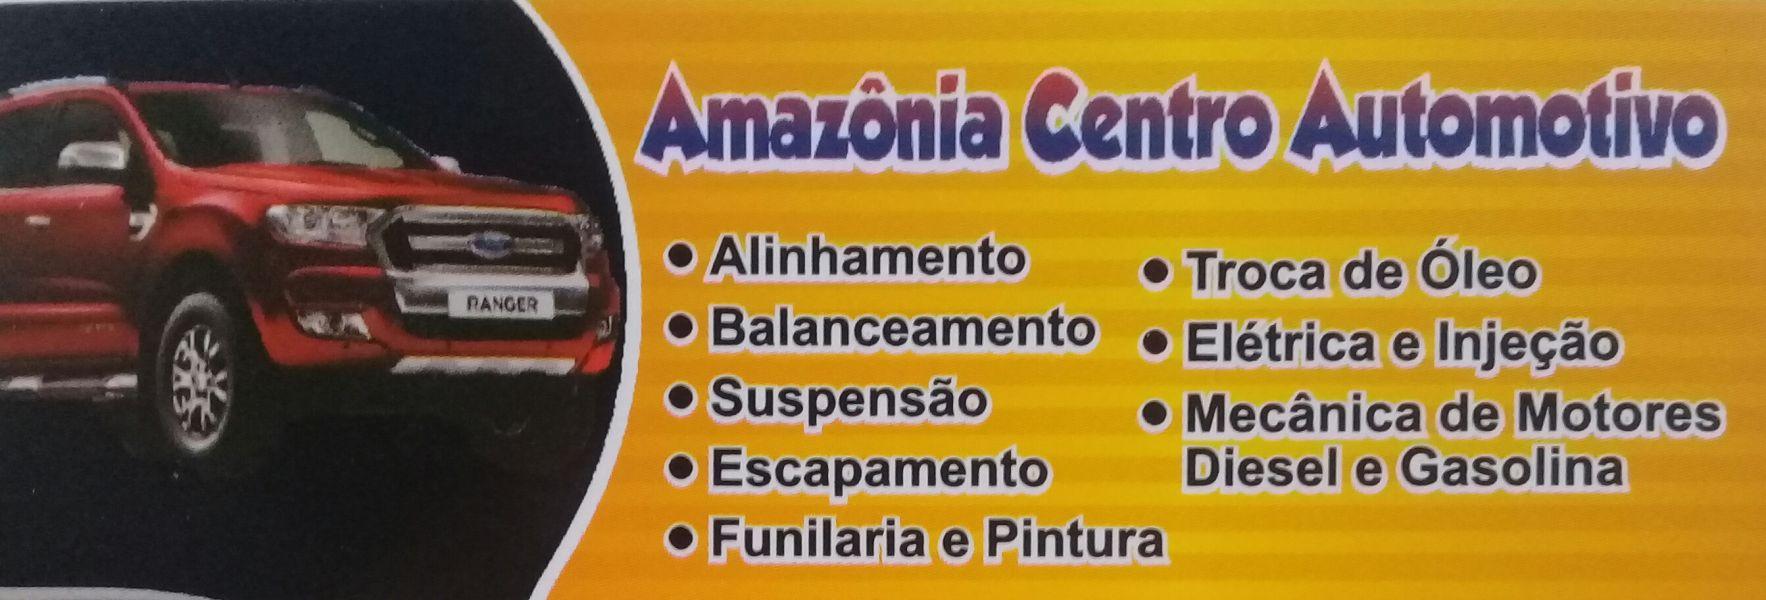 Amazônia Centro Automotivo